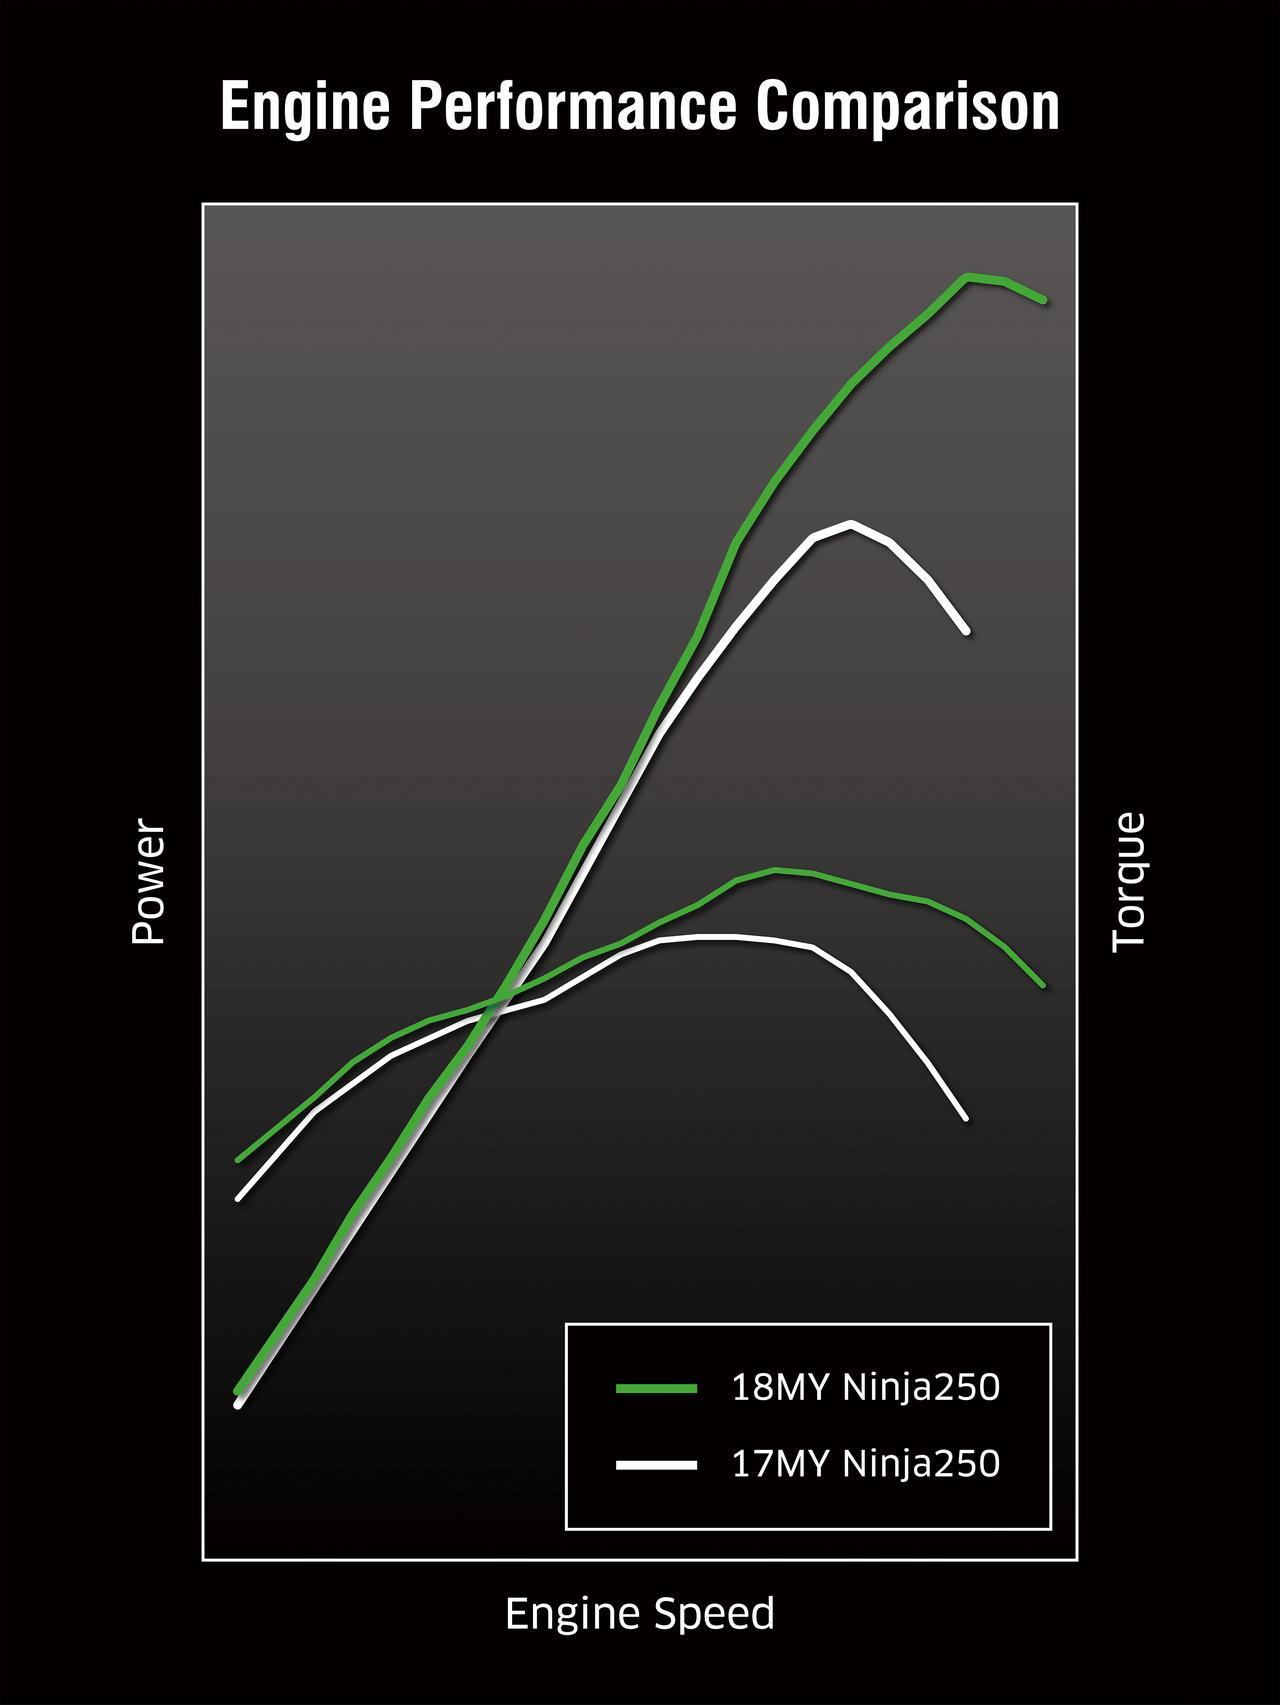 画像: 今回から排気量が249㏄となった新エンジンは37PSを発揮。まずパワーを上げていって、そこから最適な特性を導き出すという開発手法が採用されている。吸気はダウンドラフトで、スロットルボア径は、このクラスでも最大級の32㎜となっている。